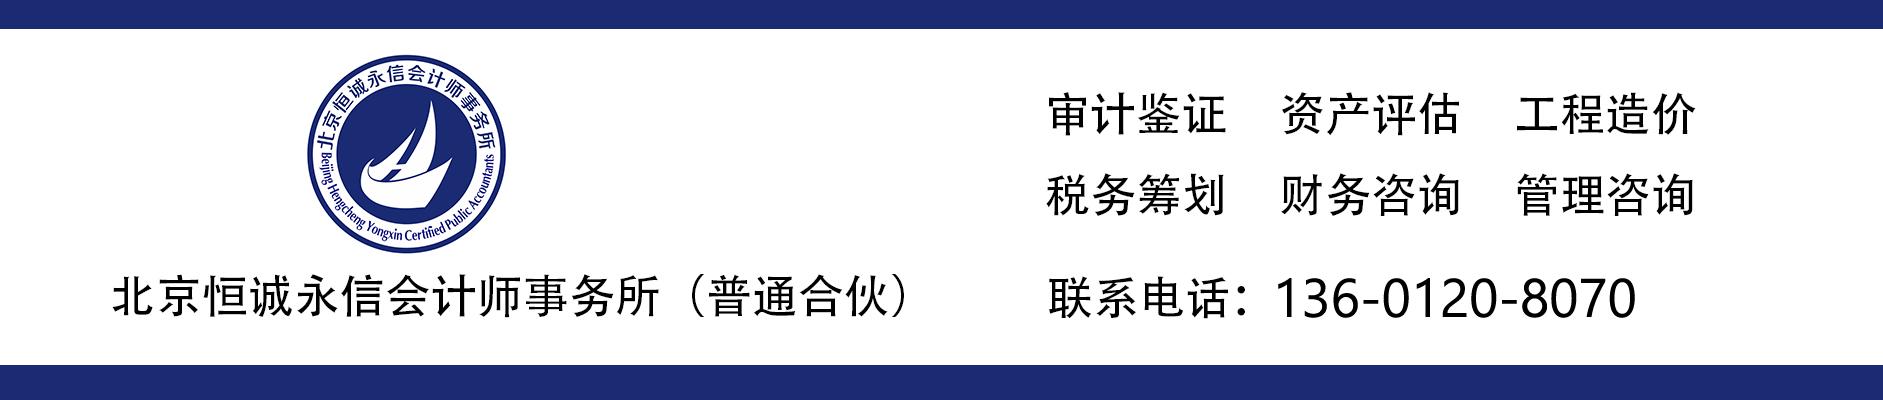 北京恒诚永信会计师事务所